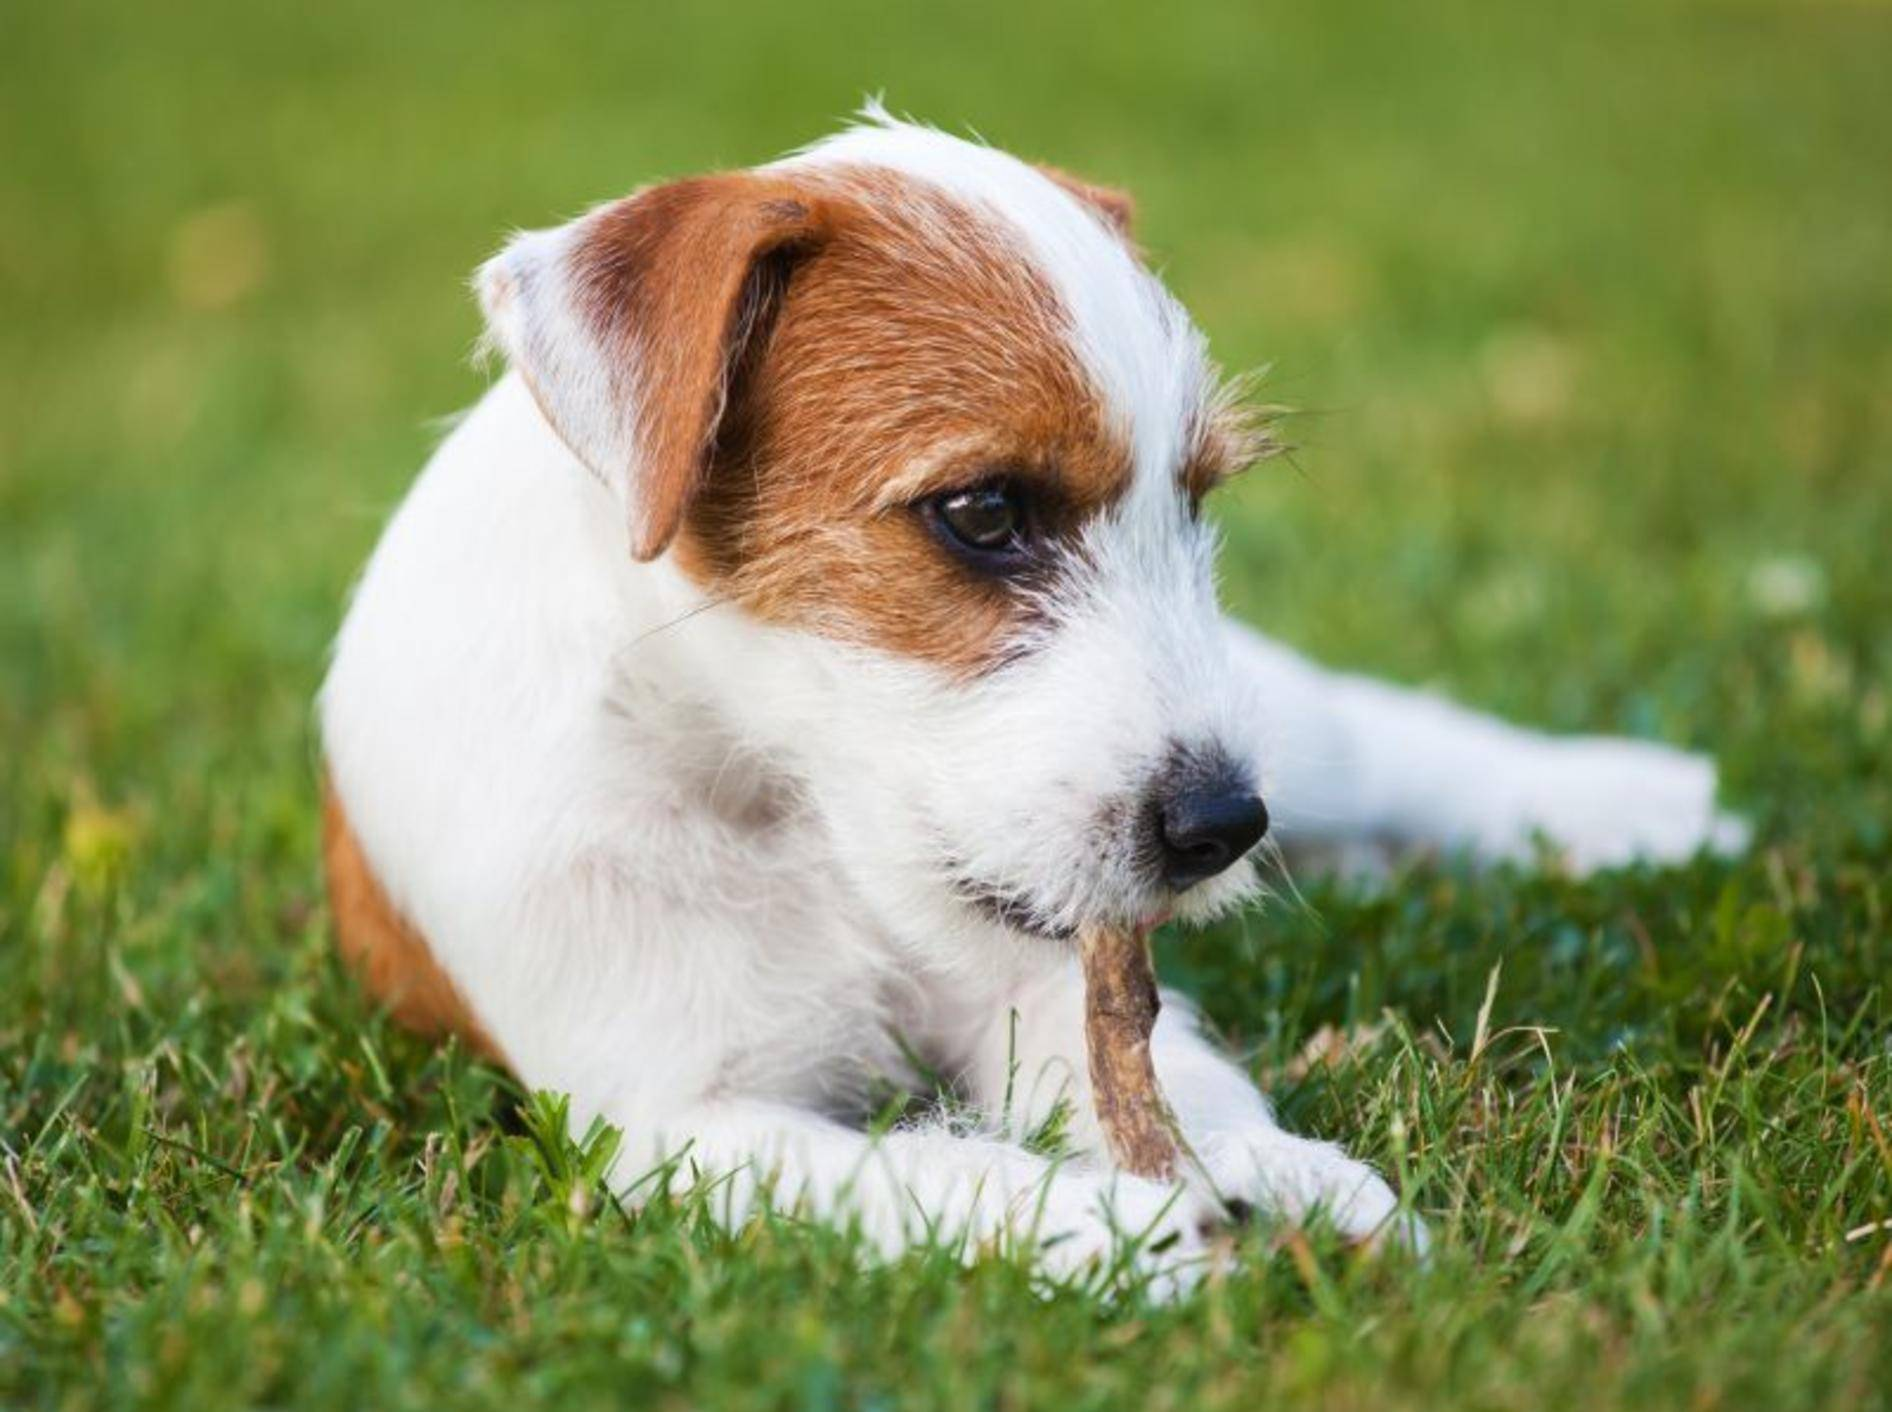 Da freut sich der Hund: Ein Leckerli für zwischendurch kommt immer gut an! — Bild: Shutterstock / Christian Mueller